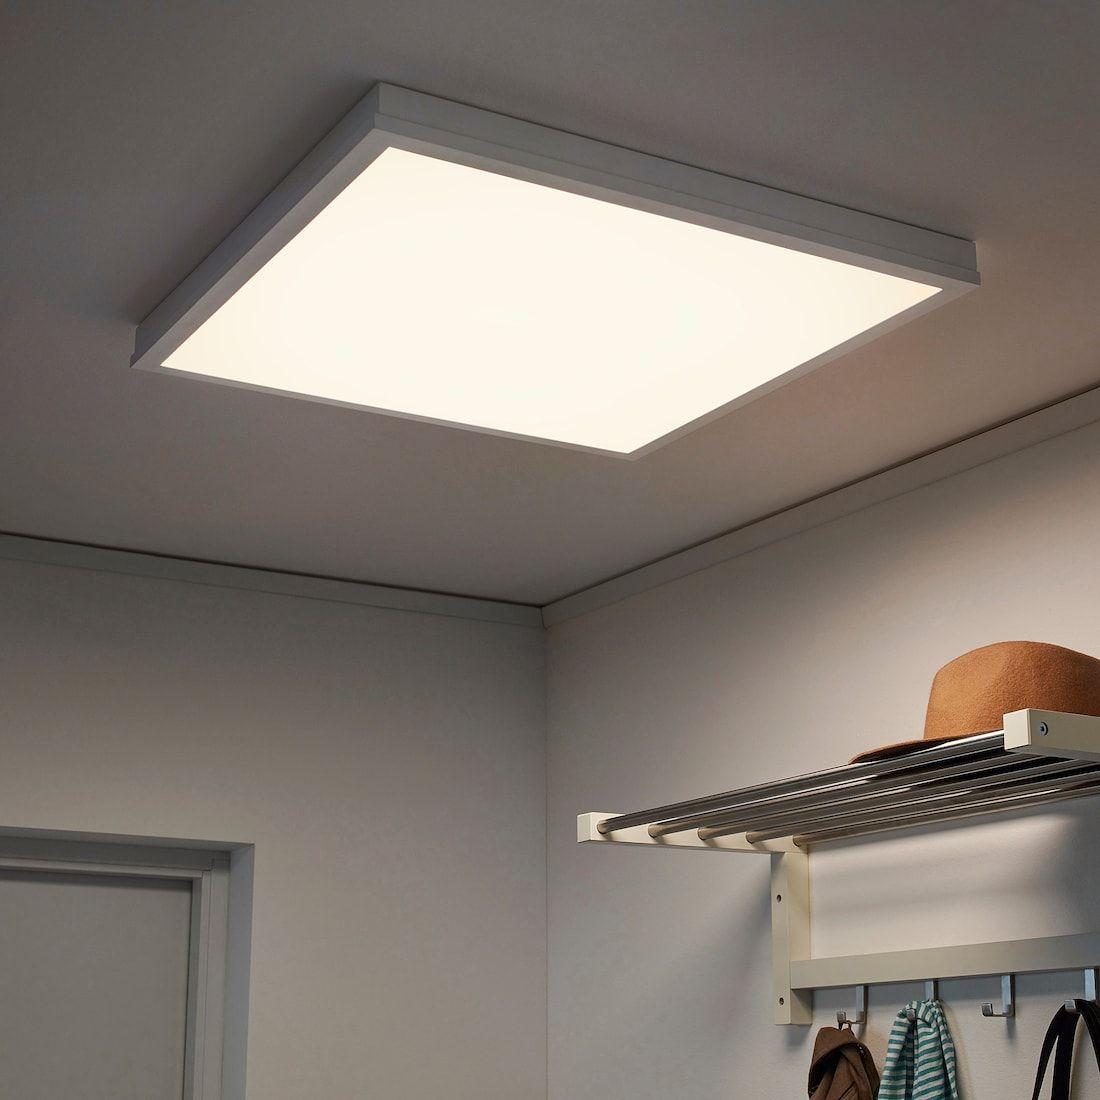 Floalt Led Light Panel Dimmable White Spectrum 24x24 Ikea Led Panel Light Light Panel Living Room Lighting Design